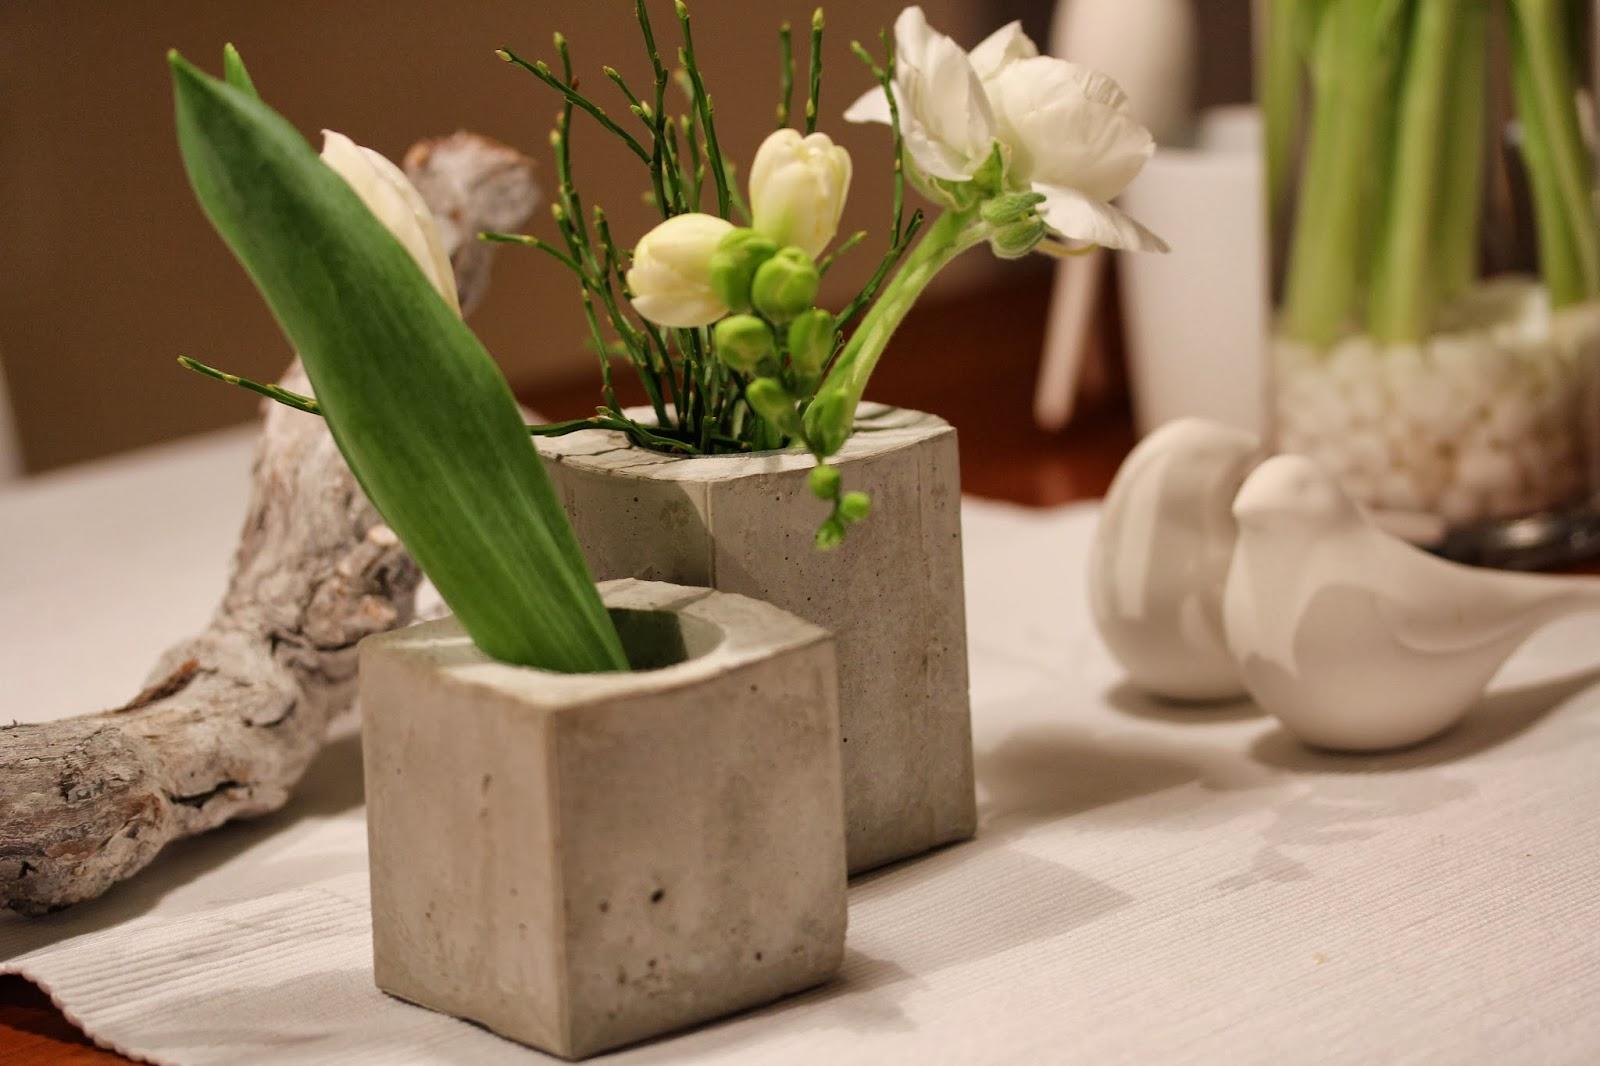 diy v schen aus beton deko hoch drei. Black Bedroom Furniture Sets. Home Design Ideas